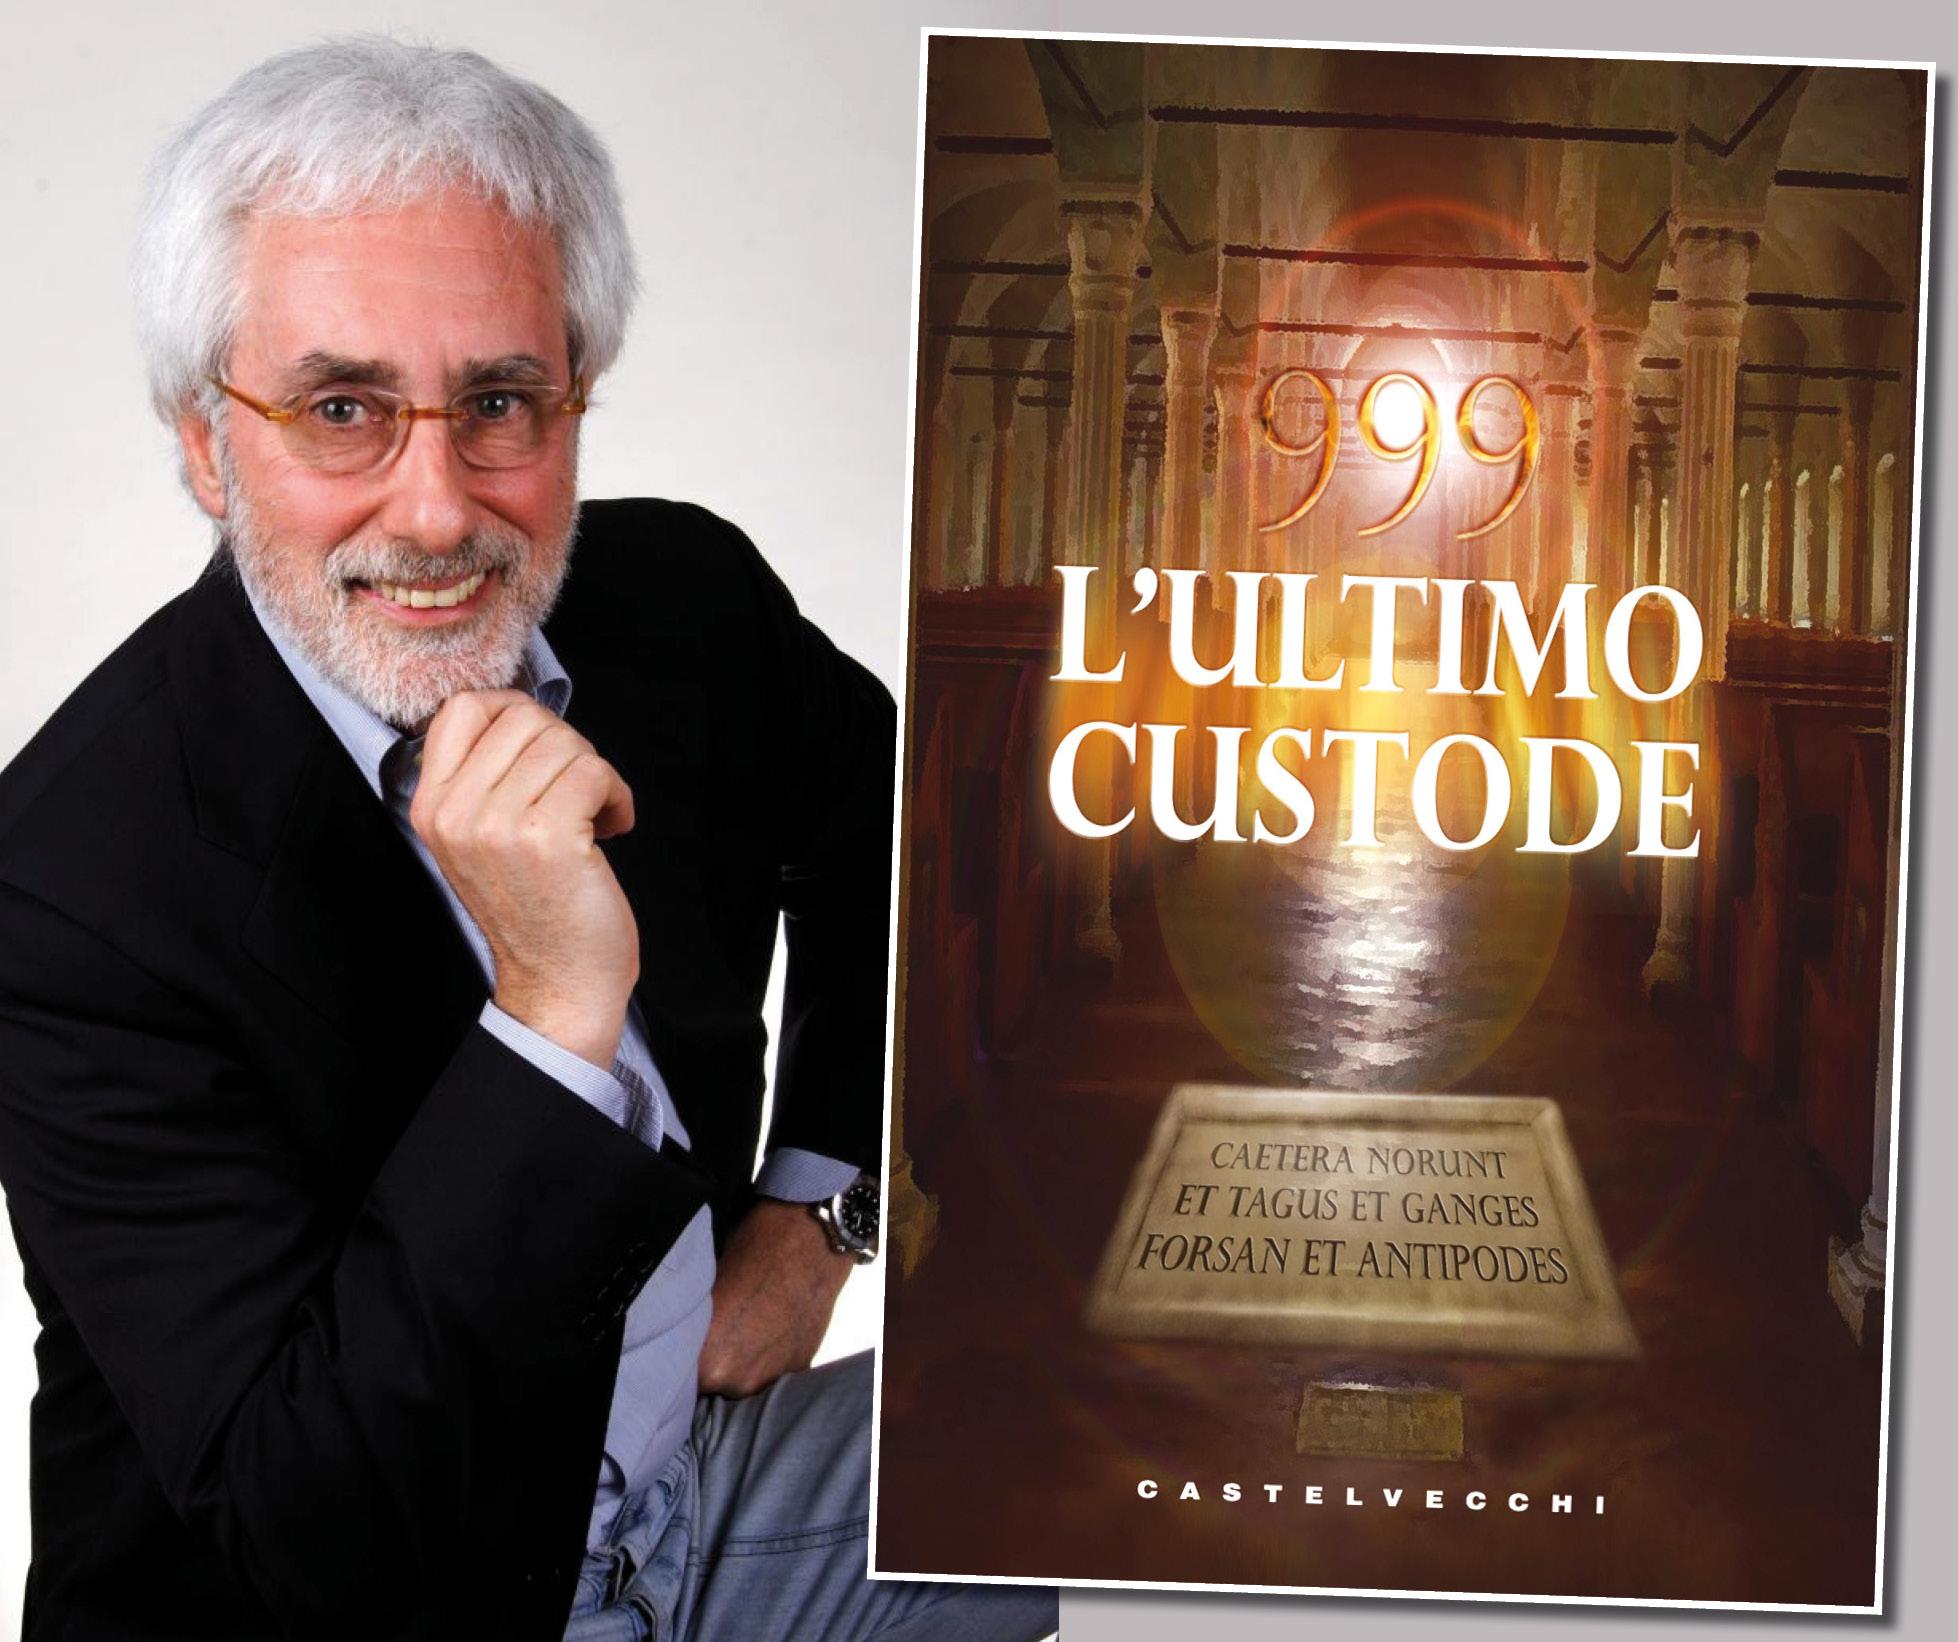 999 L'ULTIMO CUSTODE: da fatti realmente accaduti il 'caso letterario' di Carlo A. Martigli che da Rapallo sta conquistando il mondo